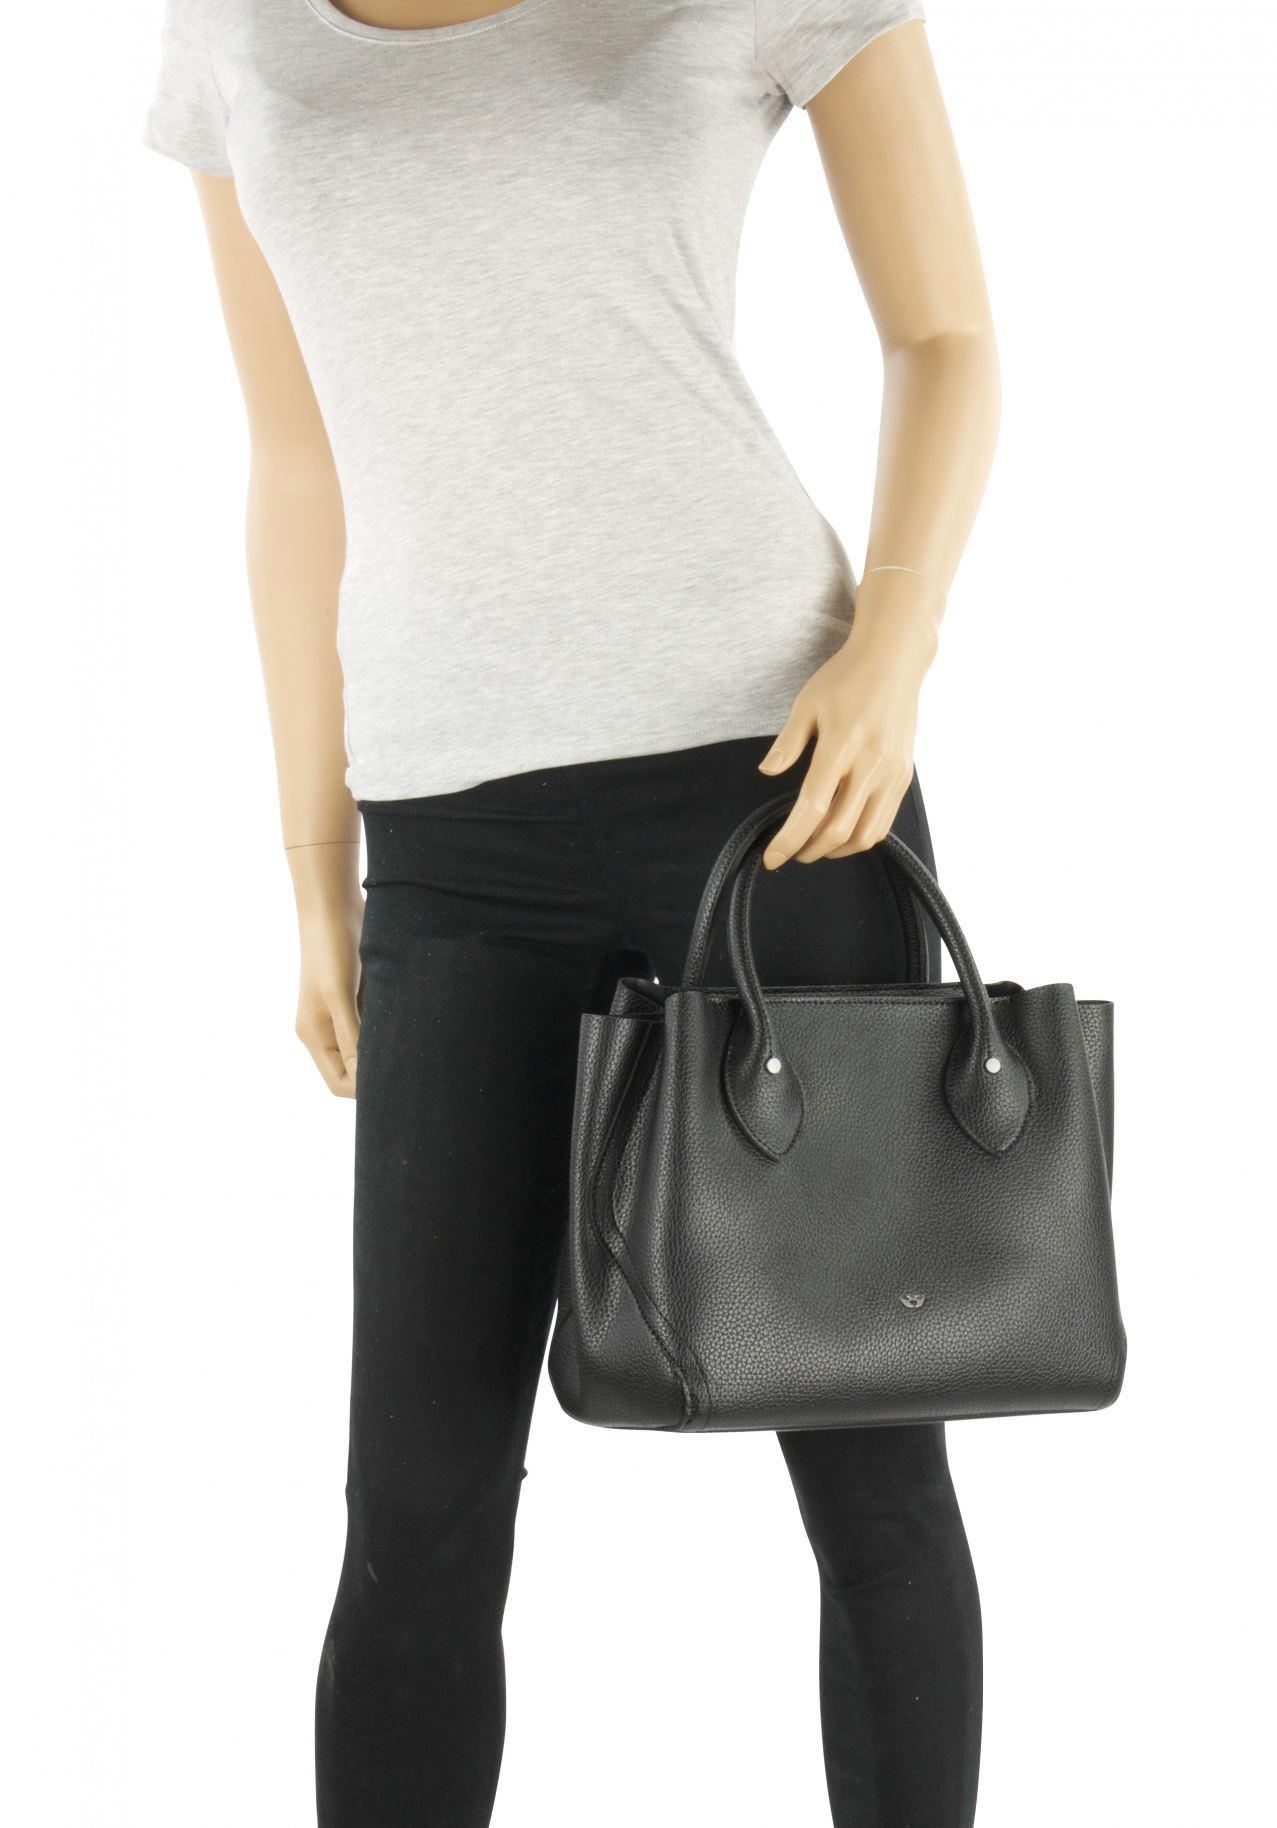 gridley handtasche fritzi aus preußen